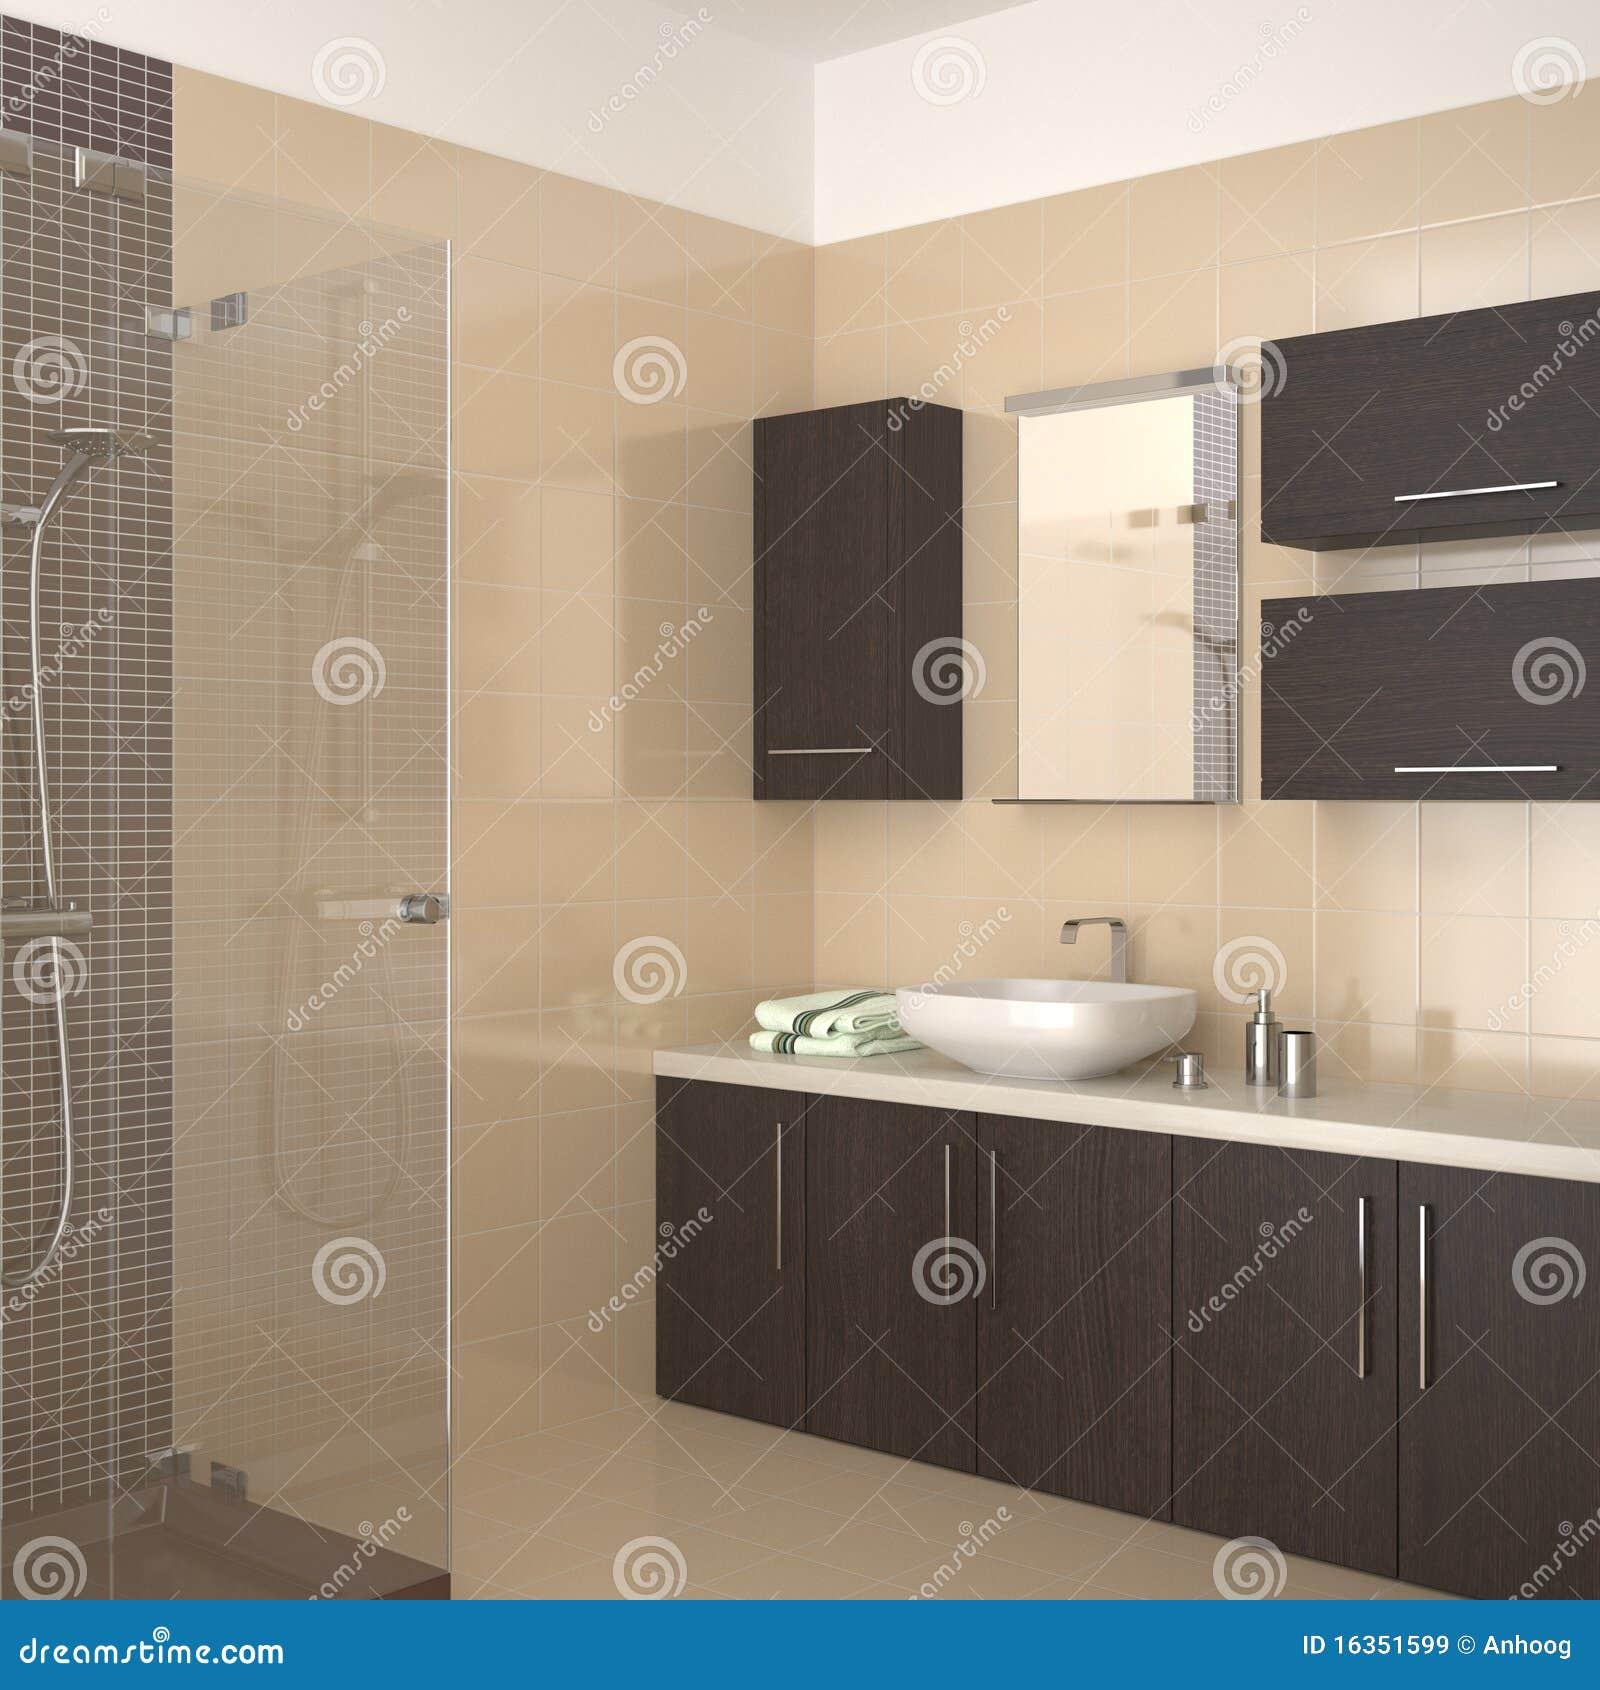 Banheiro Moderno Com Equipamento De Madeira Escuro Imagens de Stock Royalty F -> Banheiros Modernos Escuros